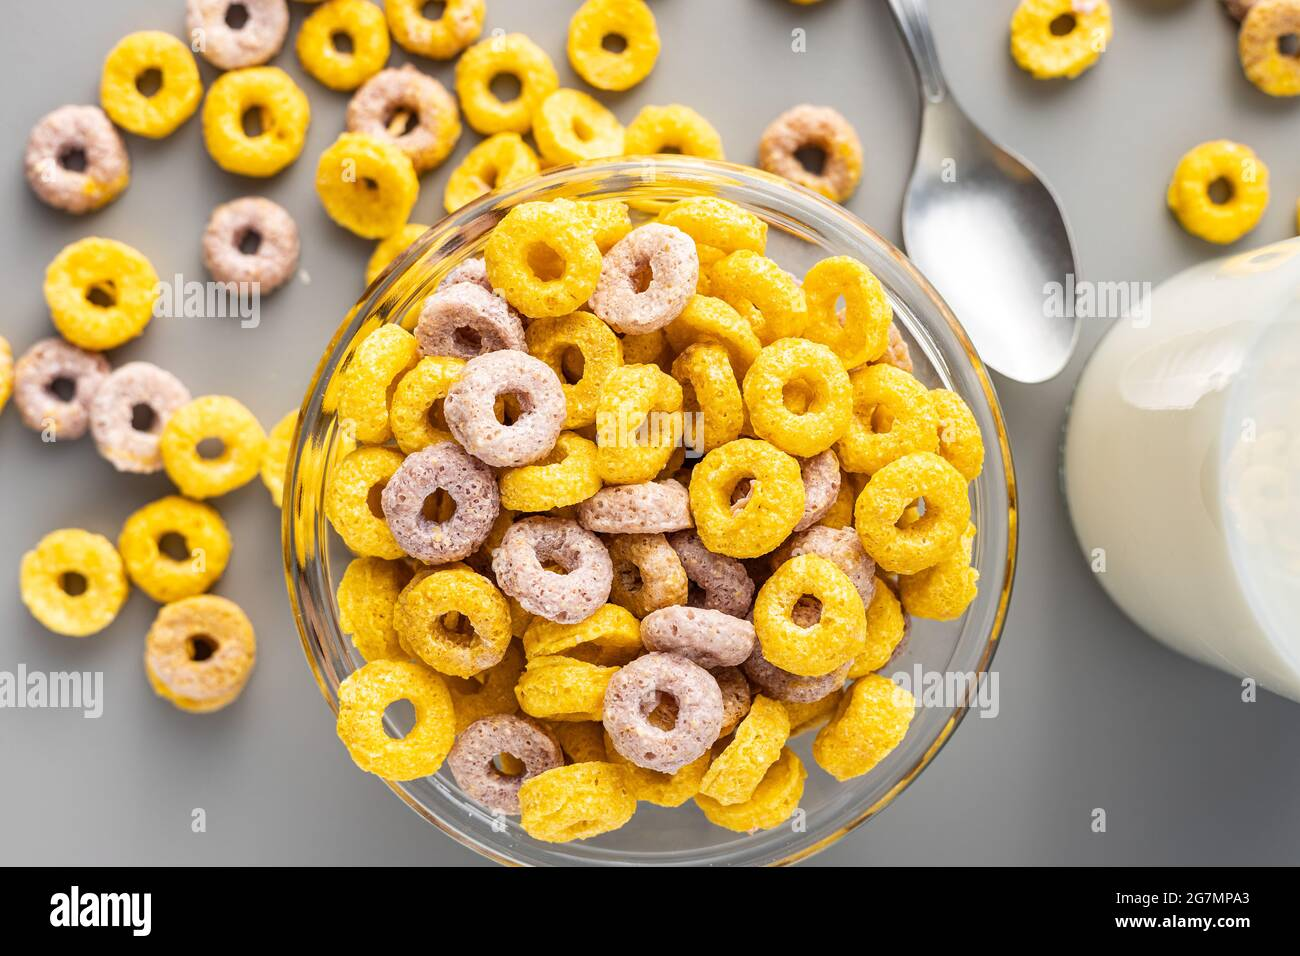 Anneaux de céréales colorés dans un bol sur fond gris. Vue de dessus. Banque D'Images